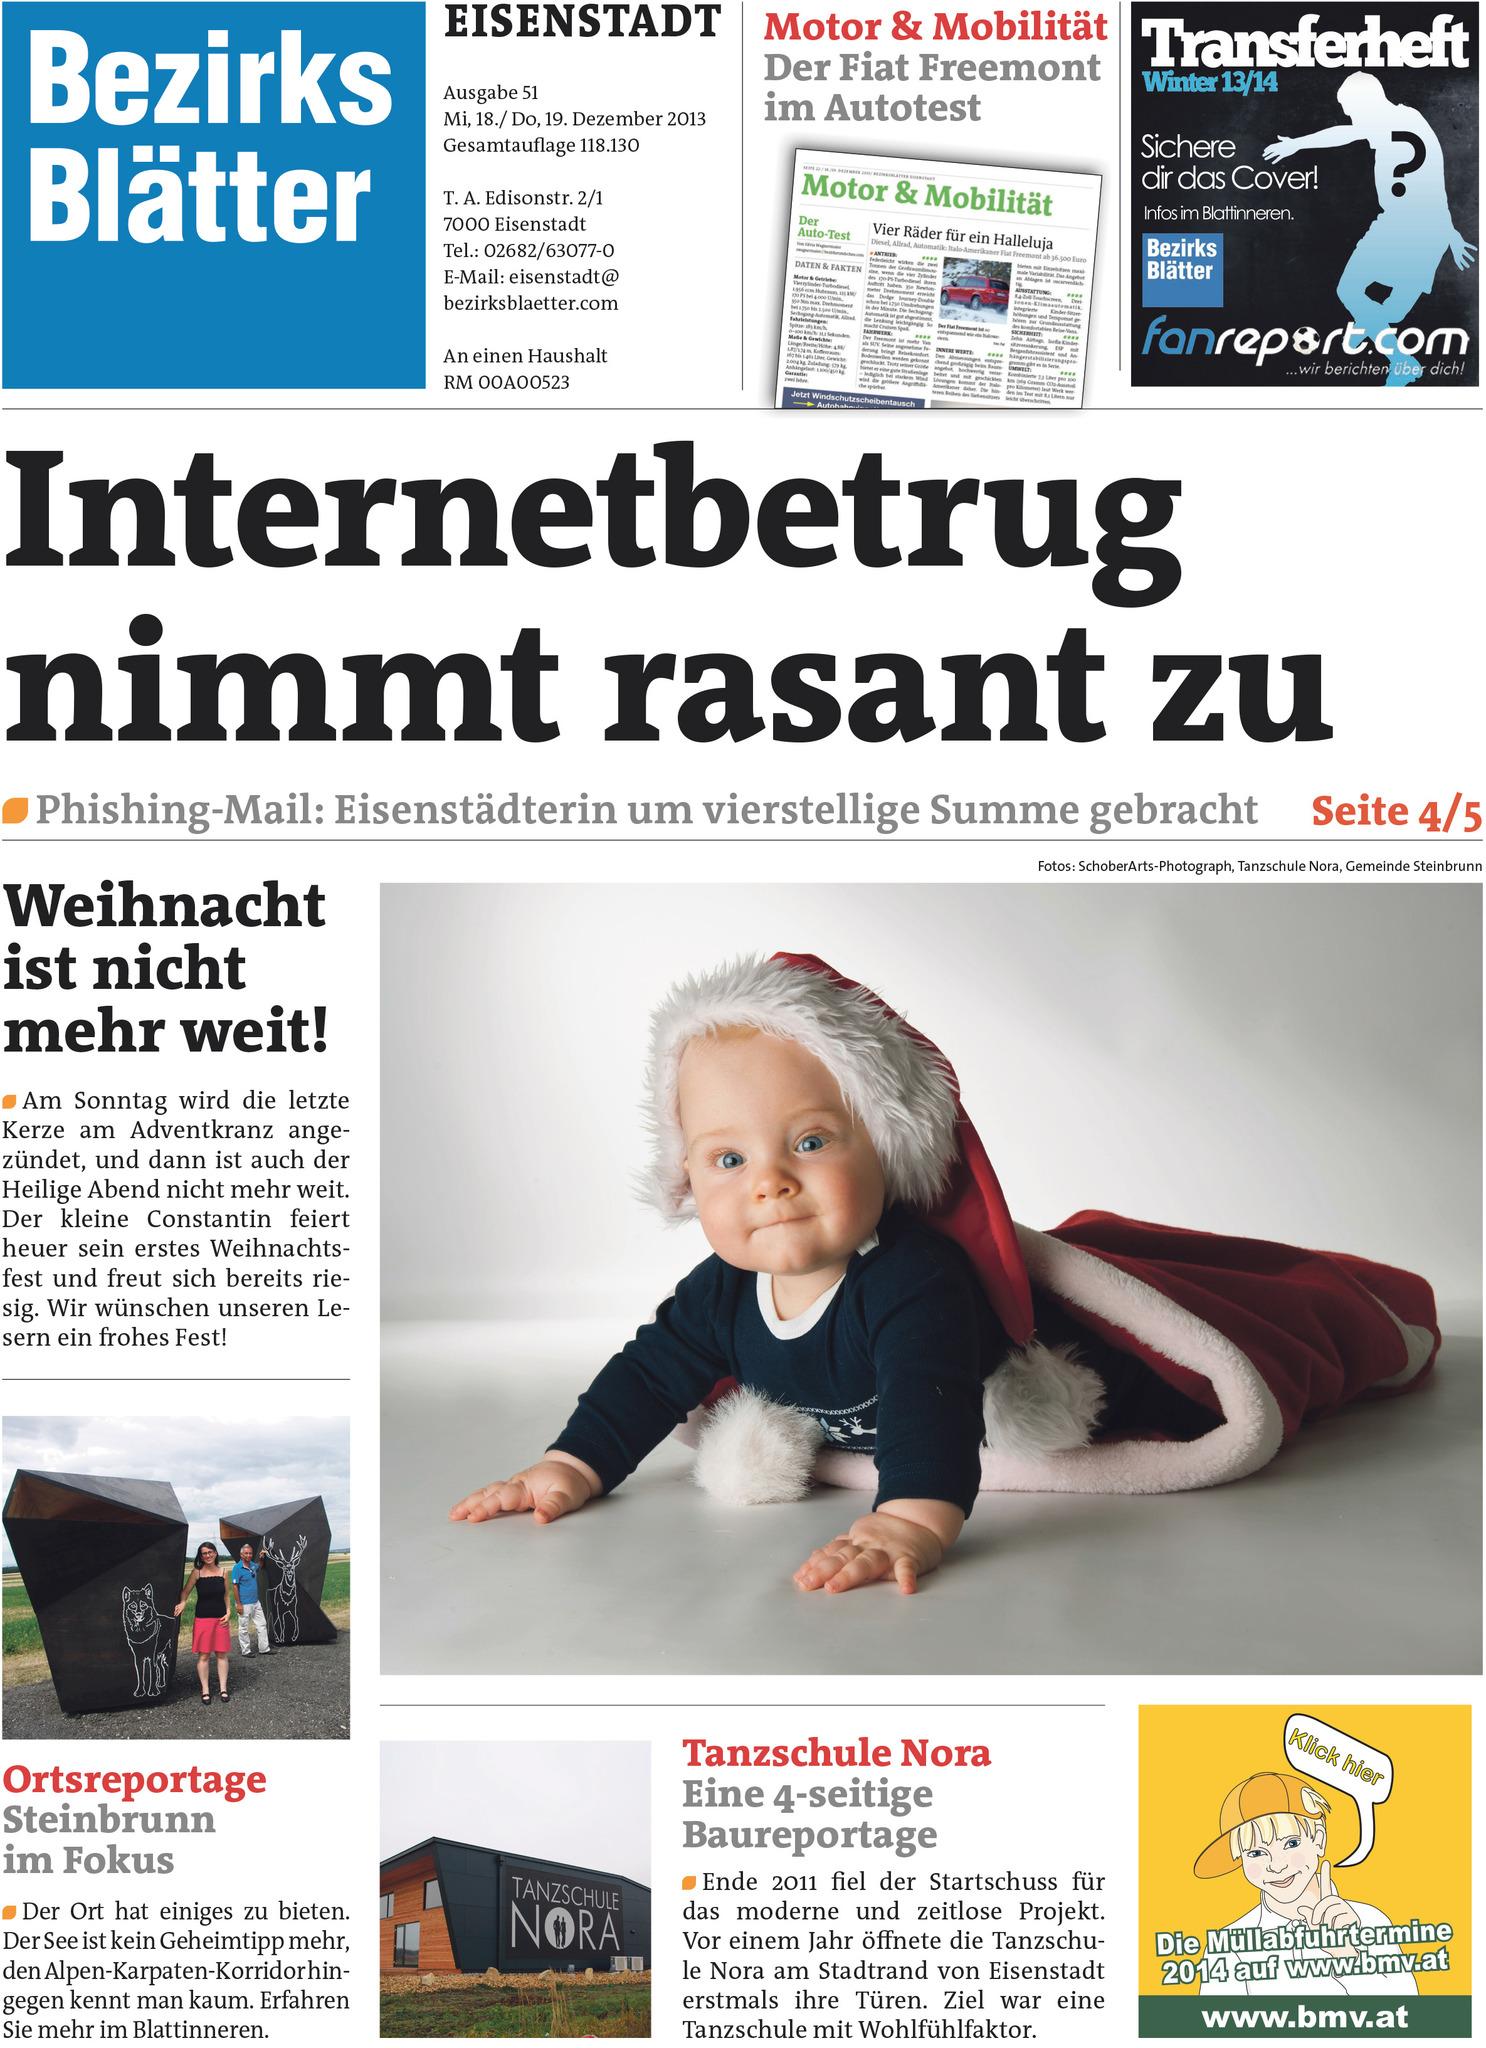 Gewinner: Fotos für die Bezirksblätter-Weihnachtsausgaben - Eisenstadt